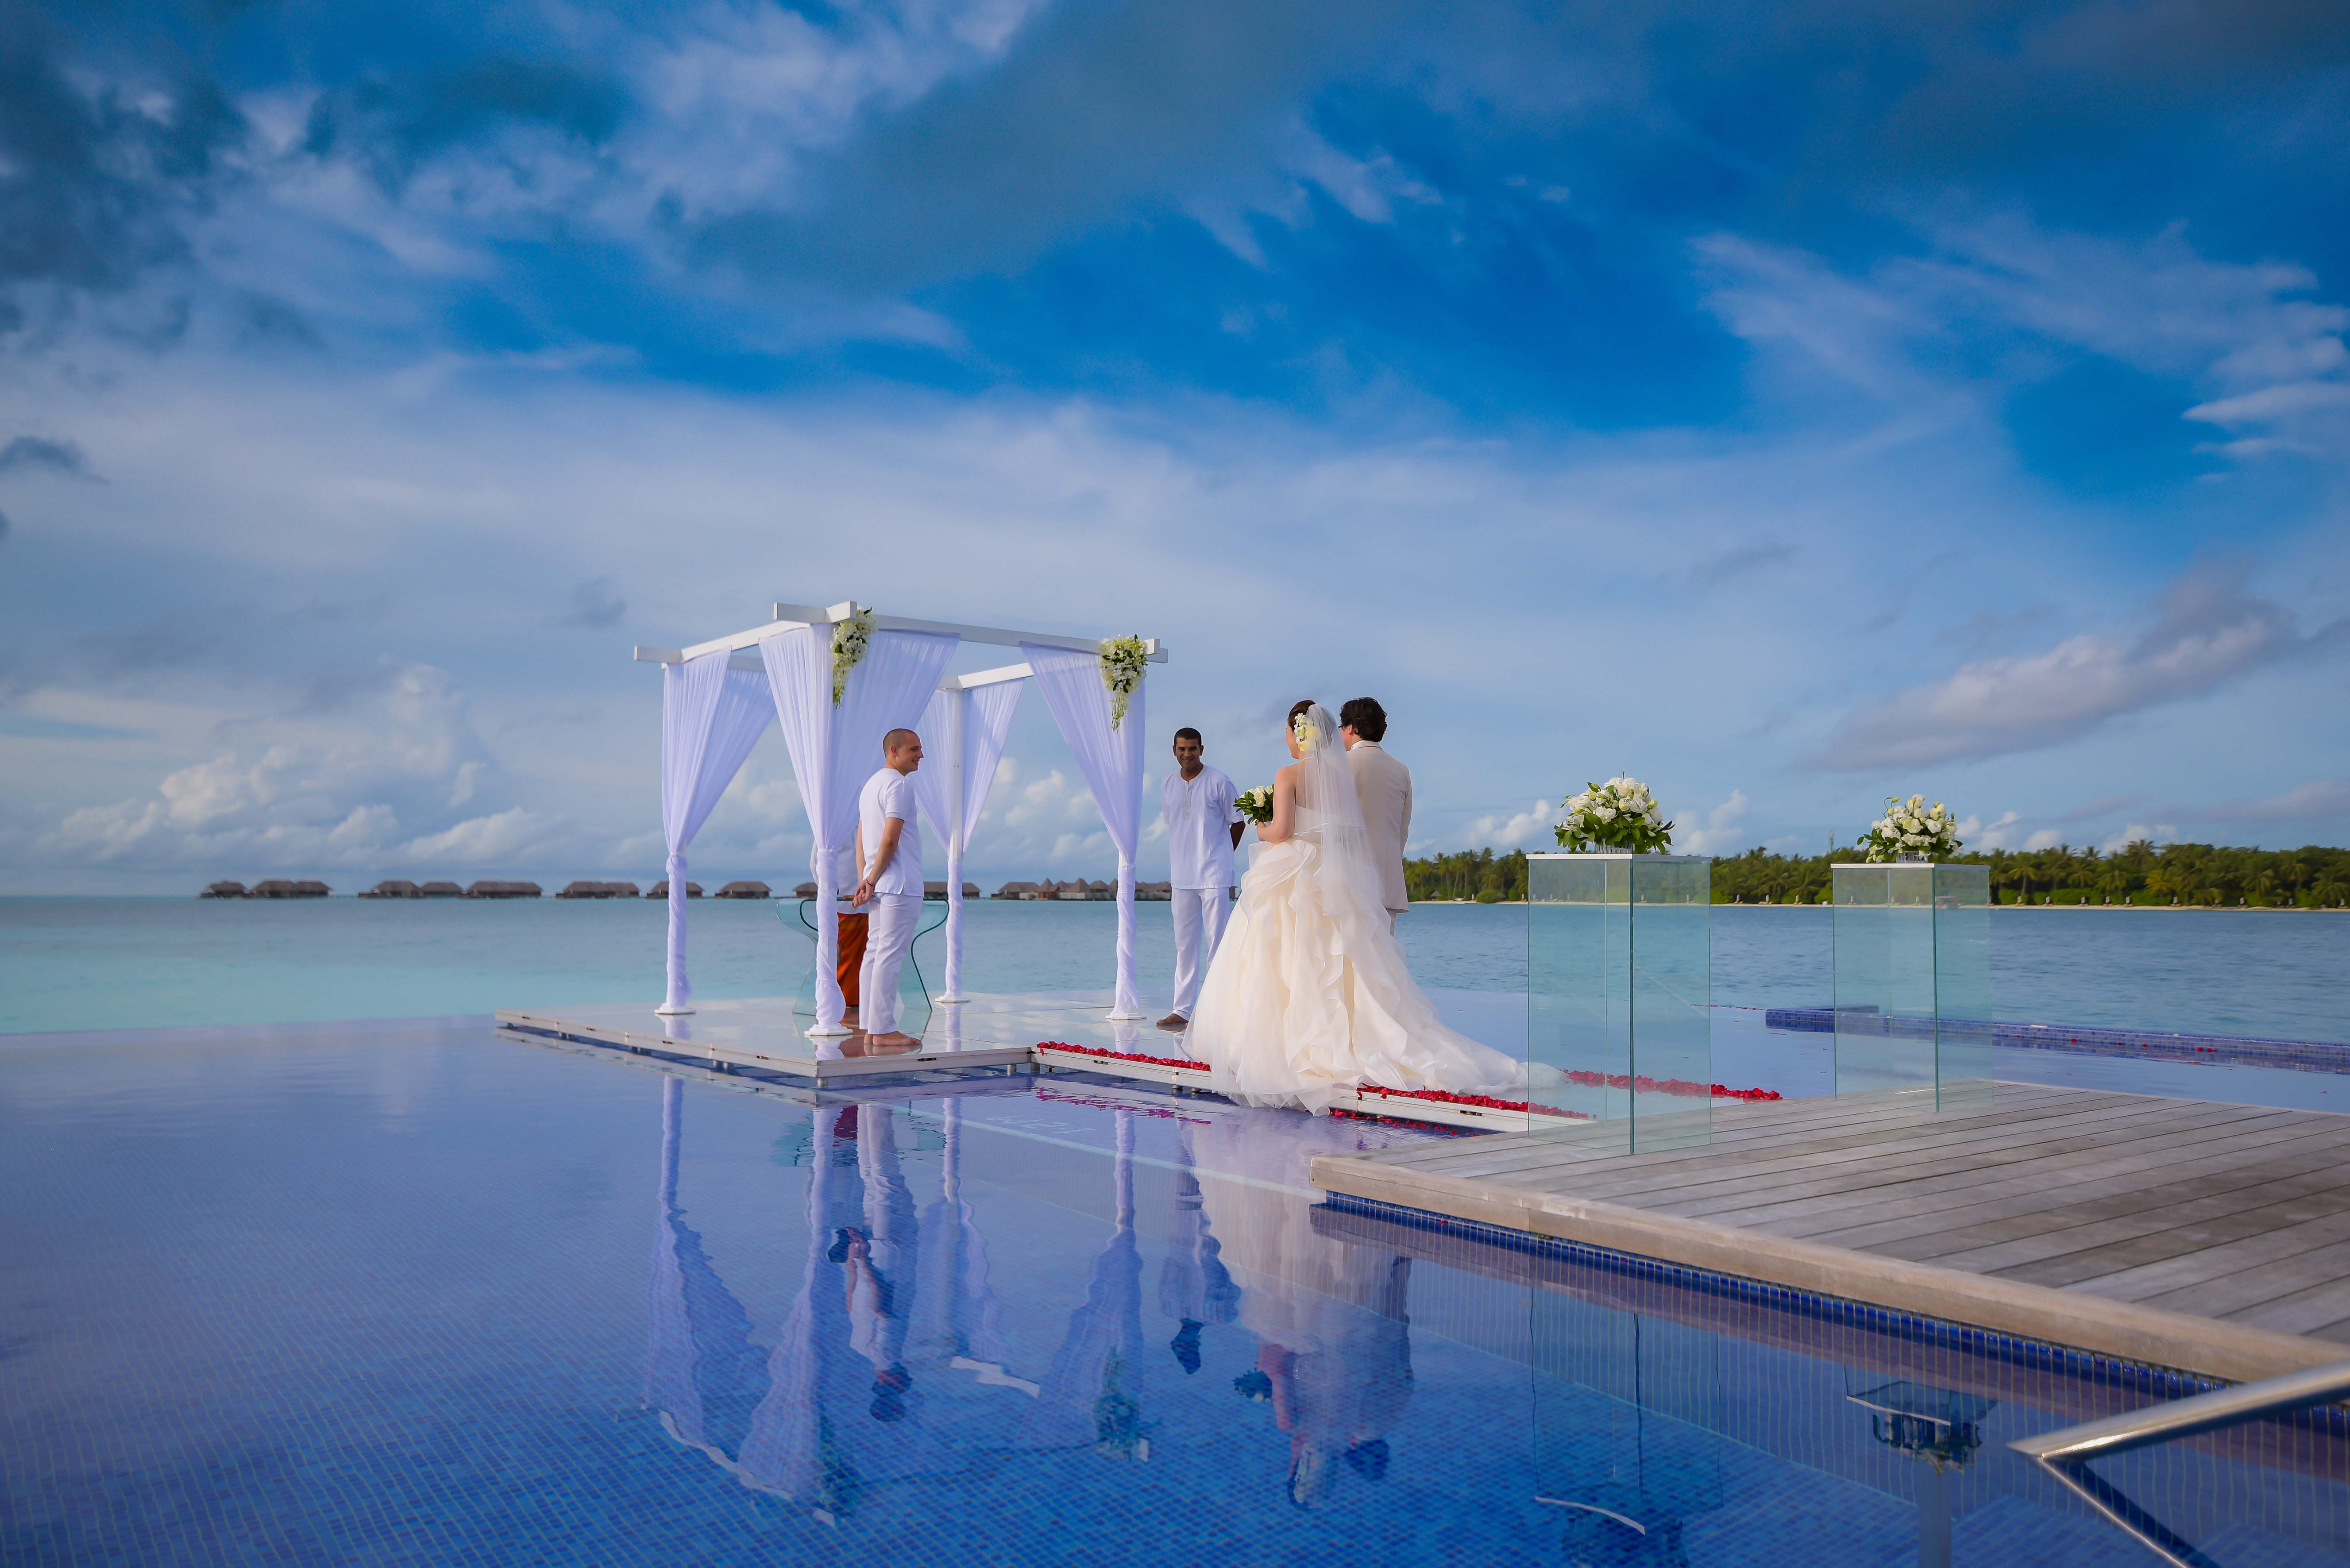 infinity pool wedding image